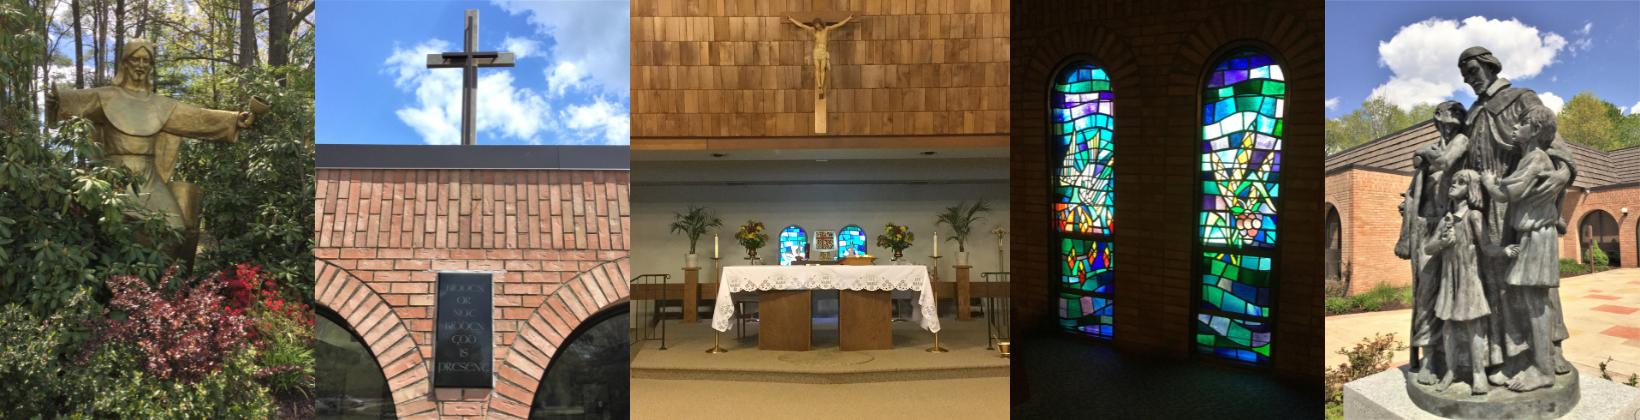 A Roman Catholic parish in Vestal, N.Y.